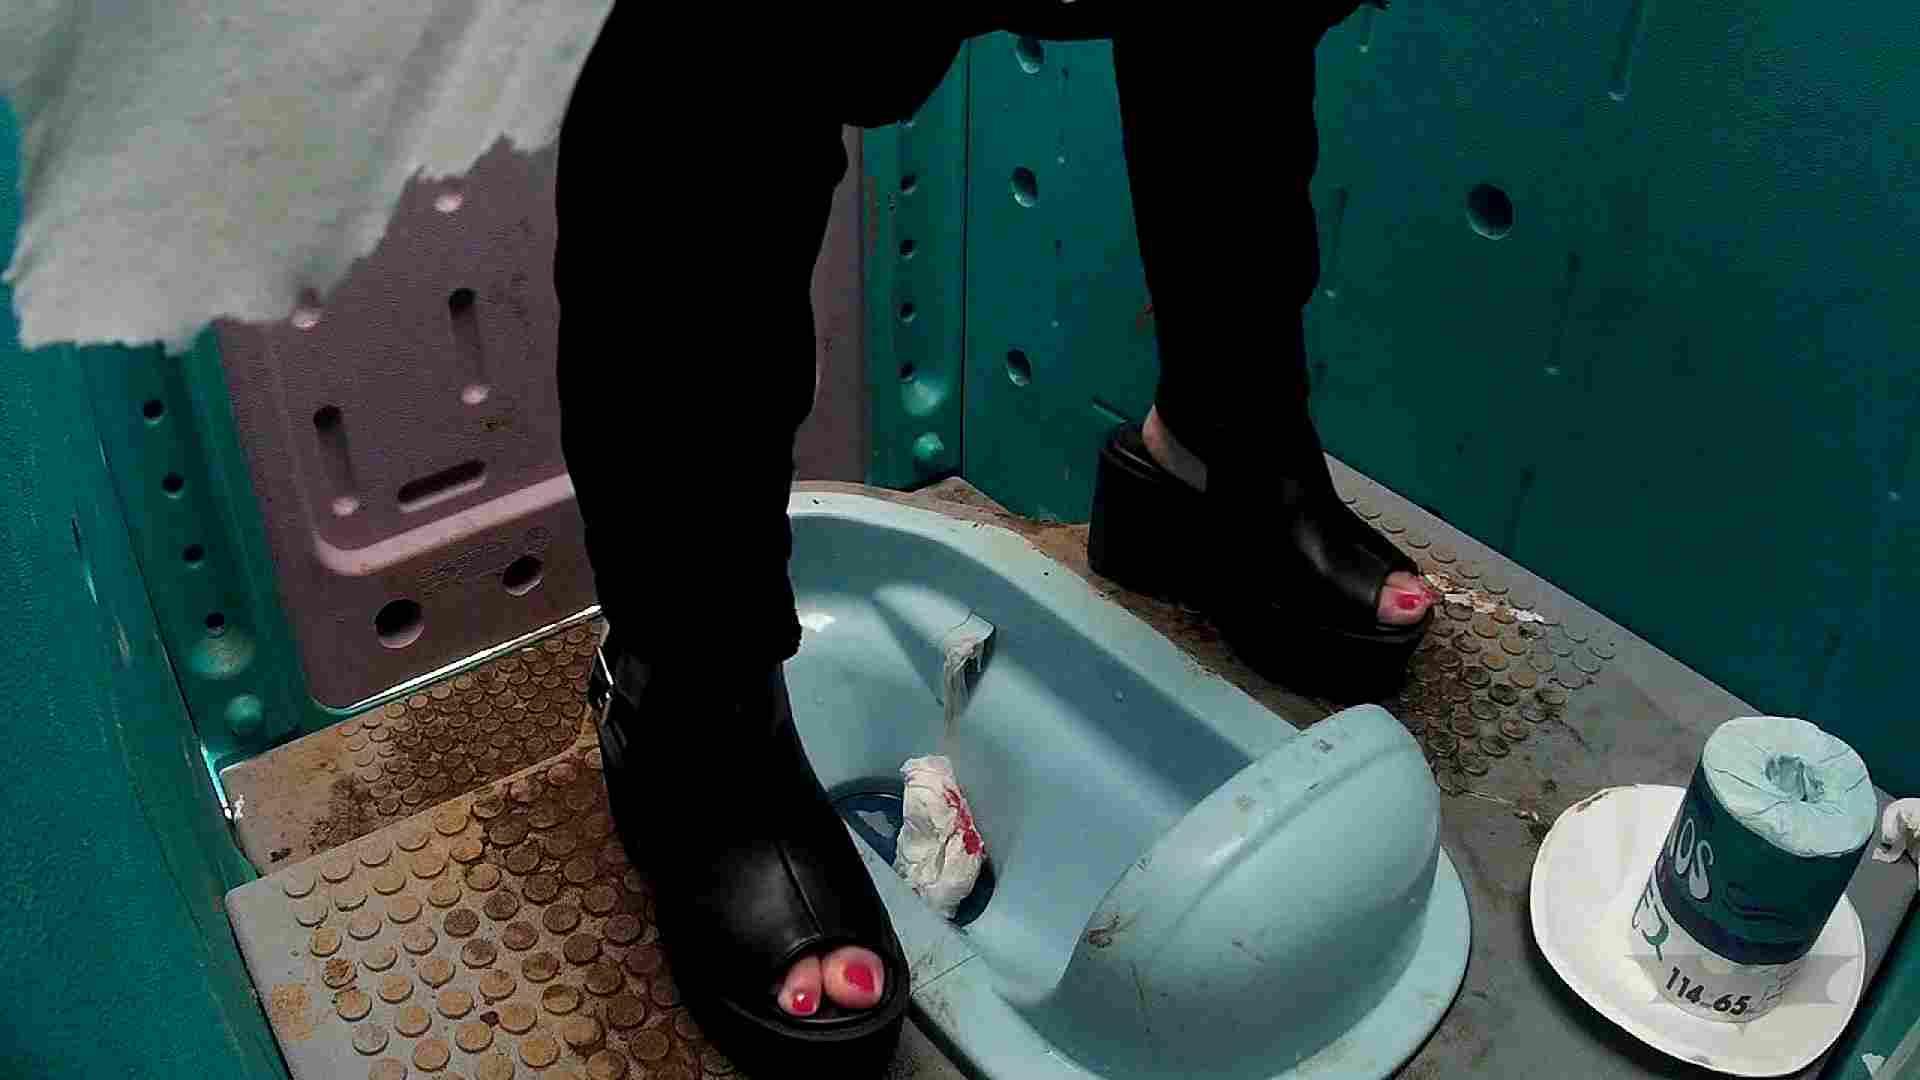 痴態洗面所 Vol.06 中が「マジヤバいヨネ!」洗面所 お姉さん攻略 オマンコ動画キャプチャ 84画像 27